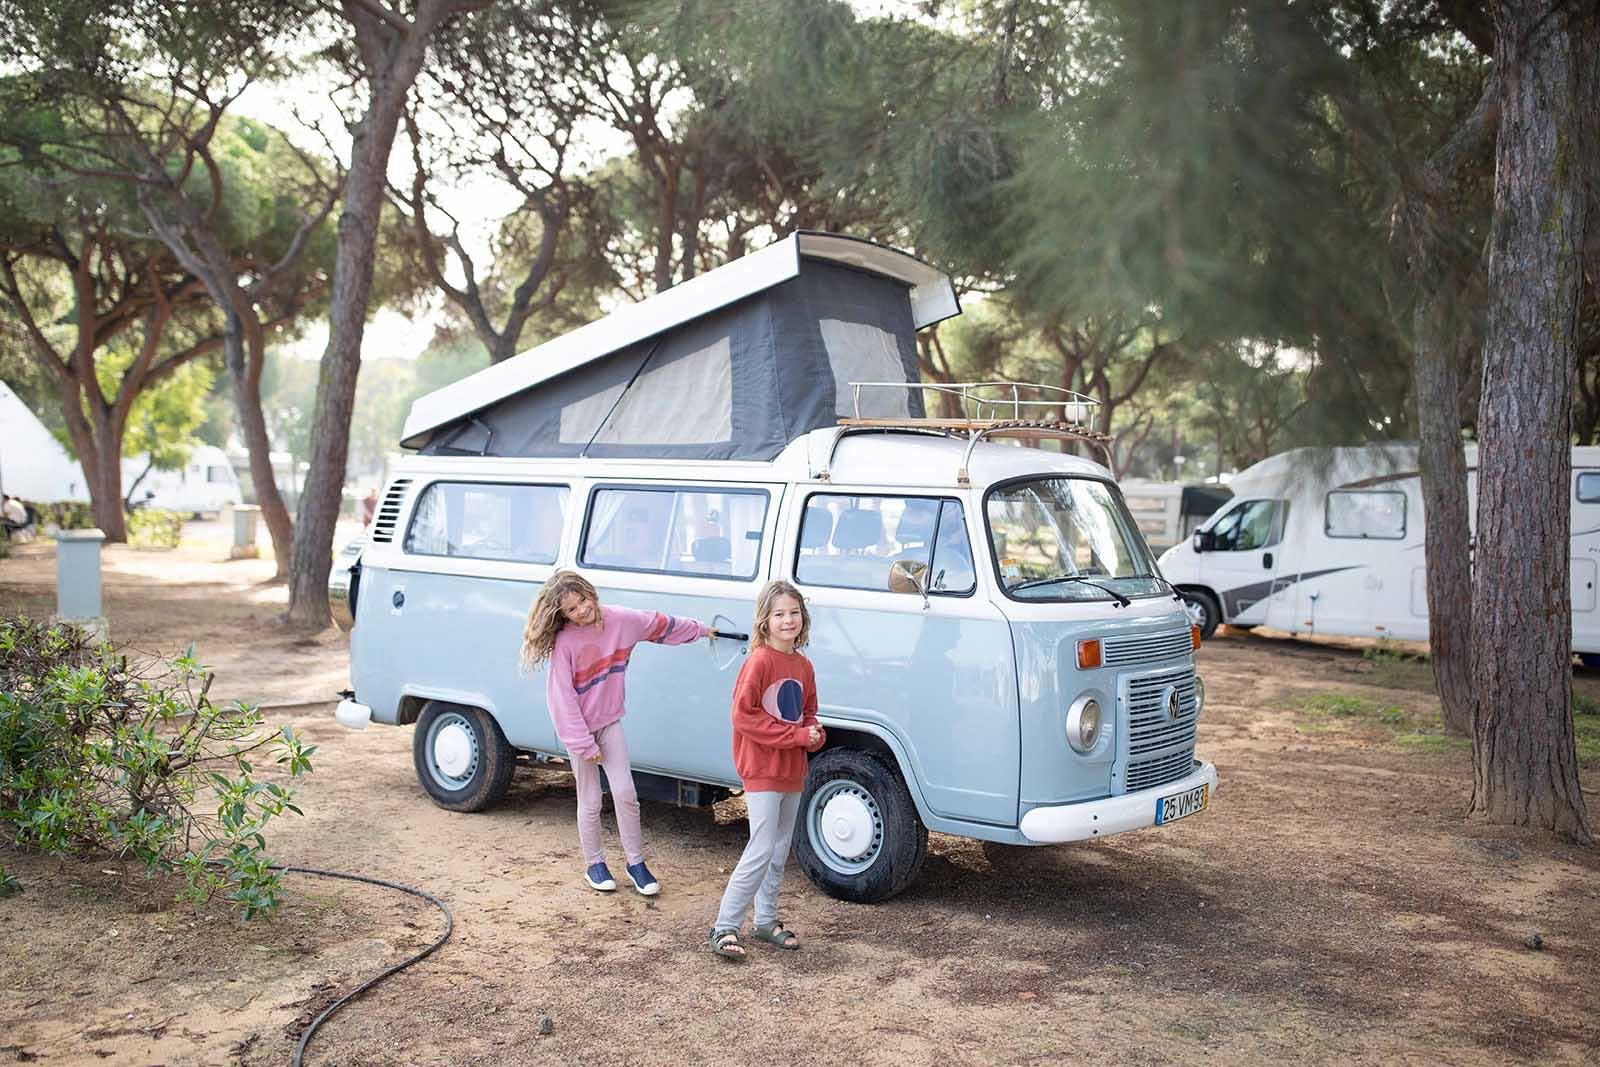 Soluciones alternativas a la acampada libre en Portugal.